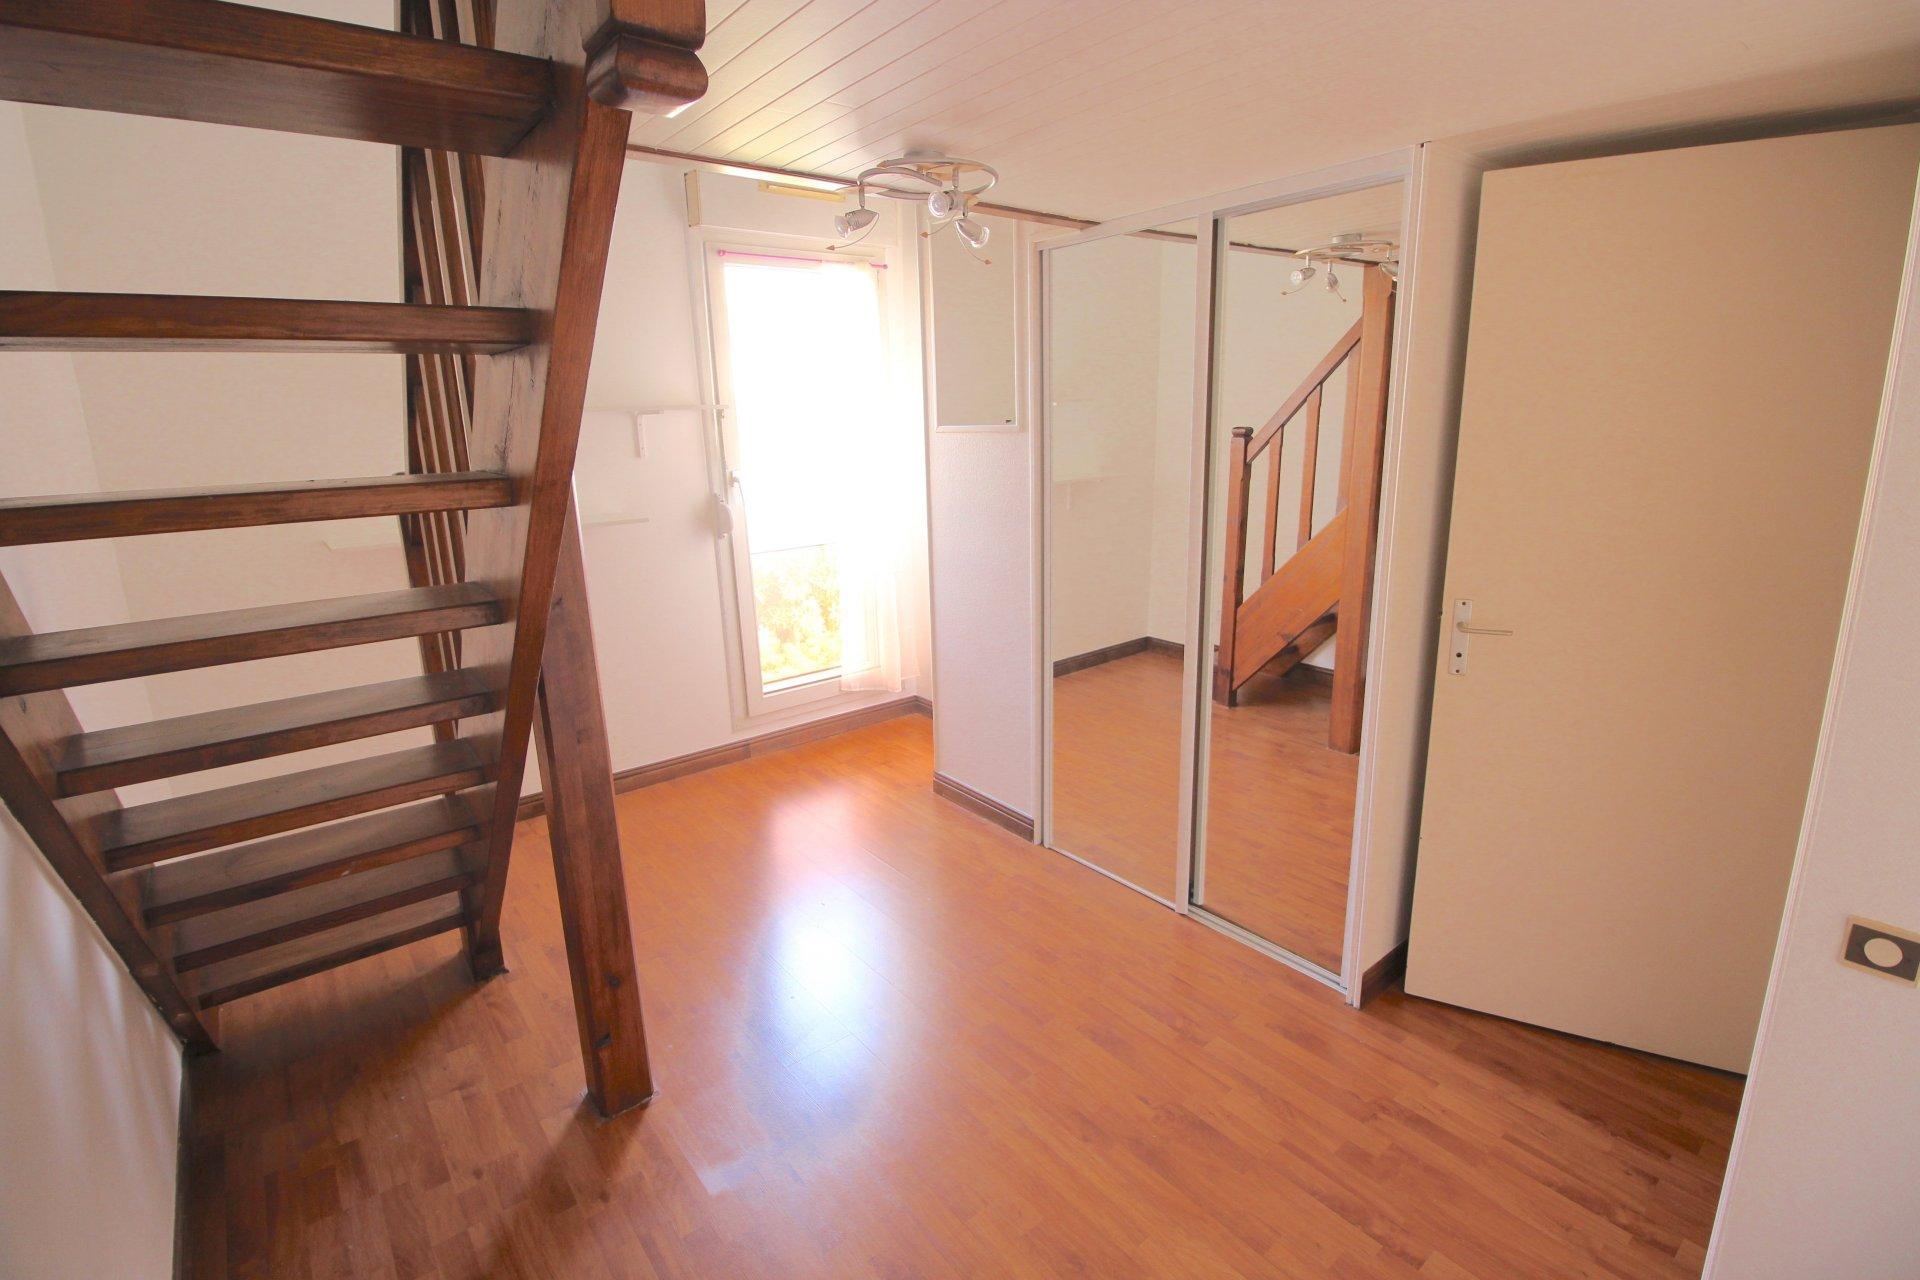 3 bedrooms flat last floor